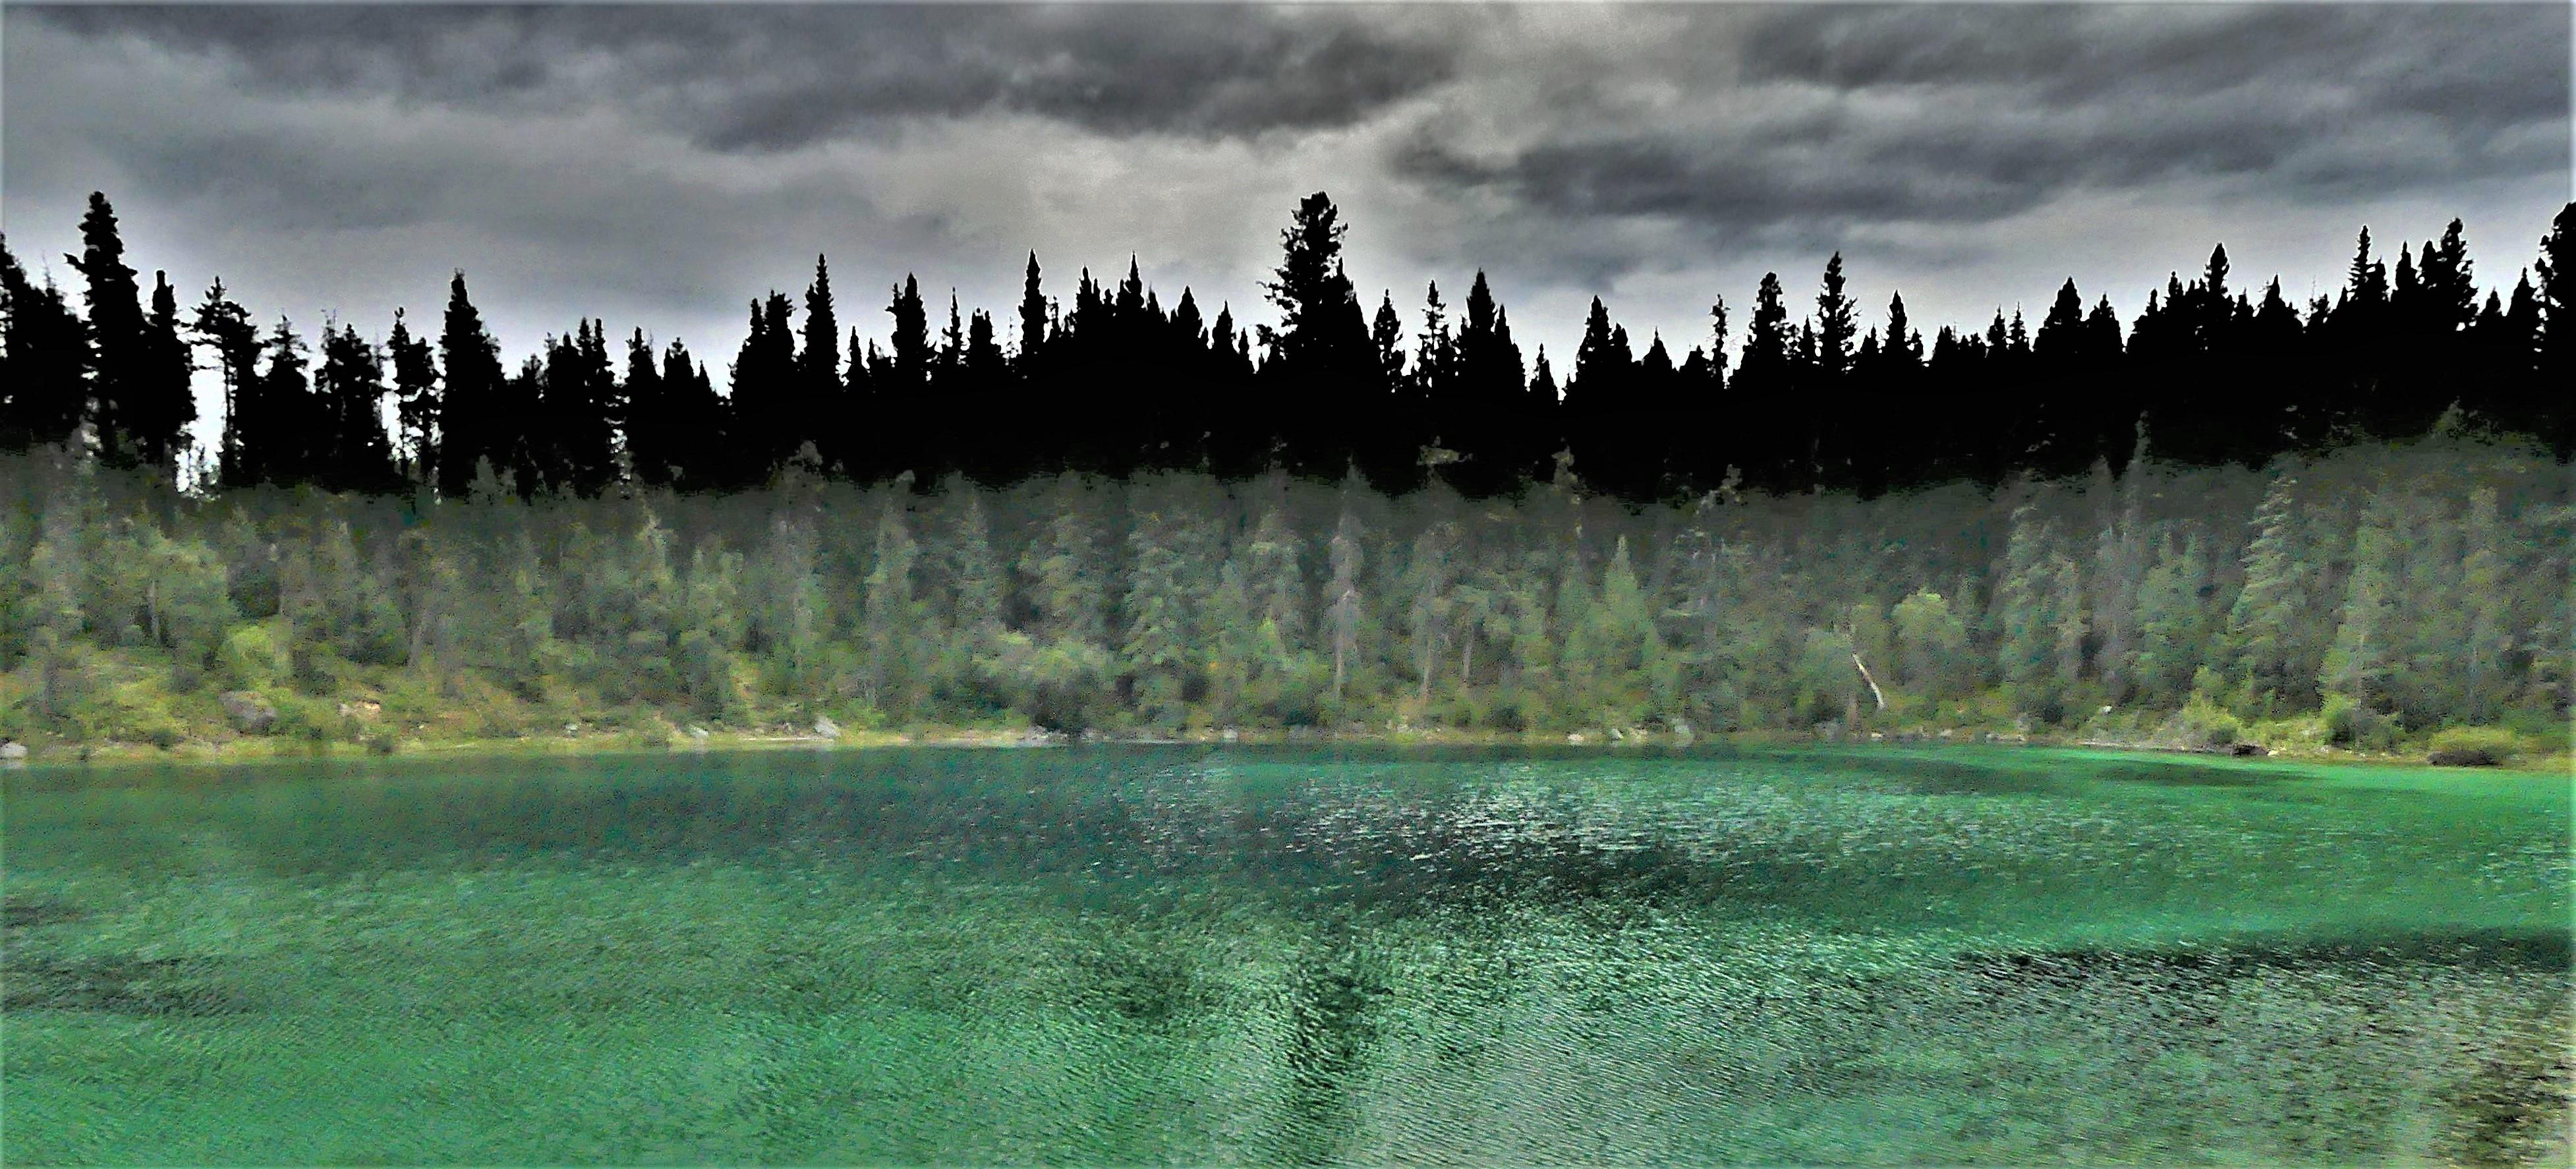 Lake 4, Jasper NP